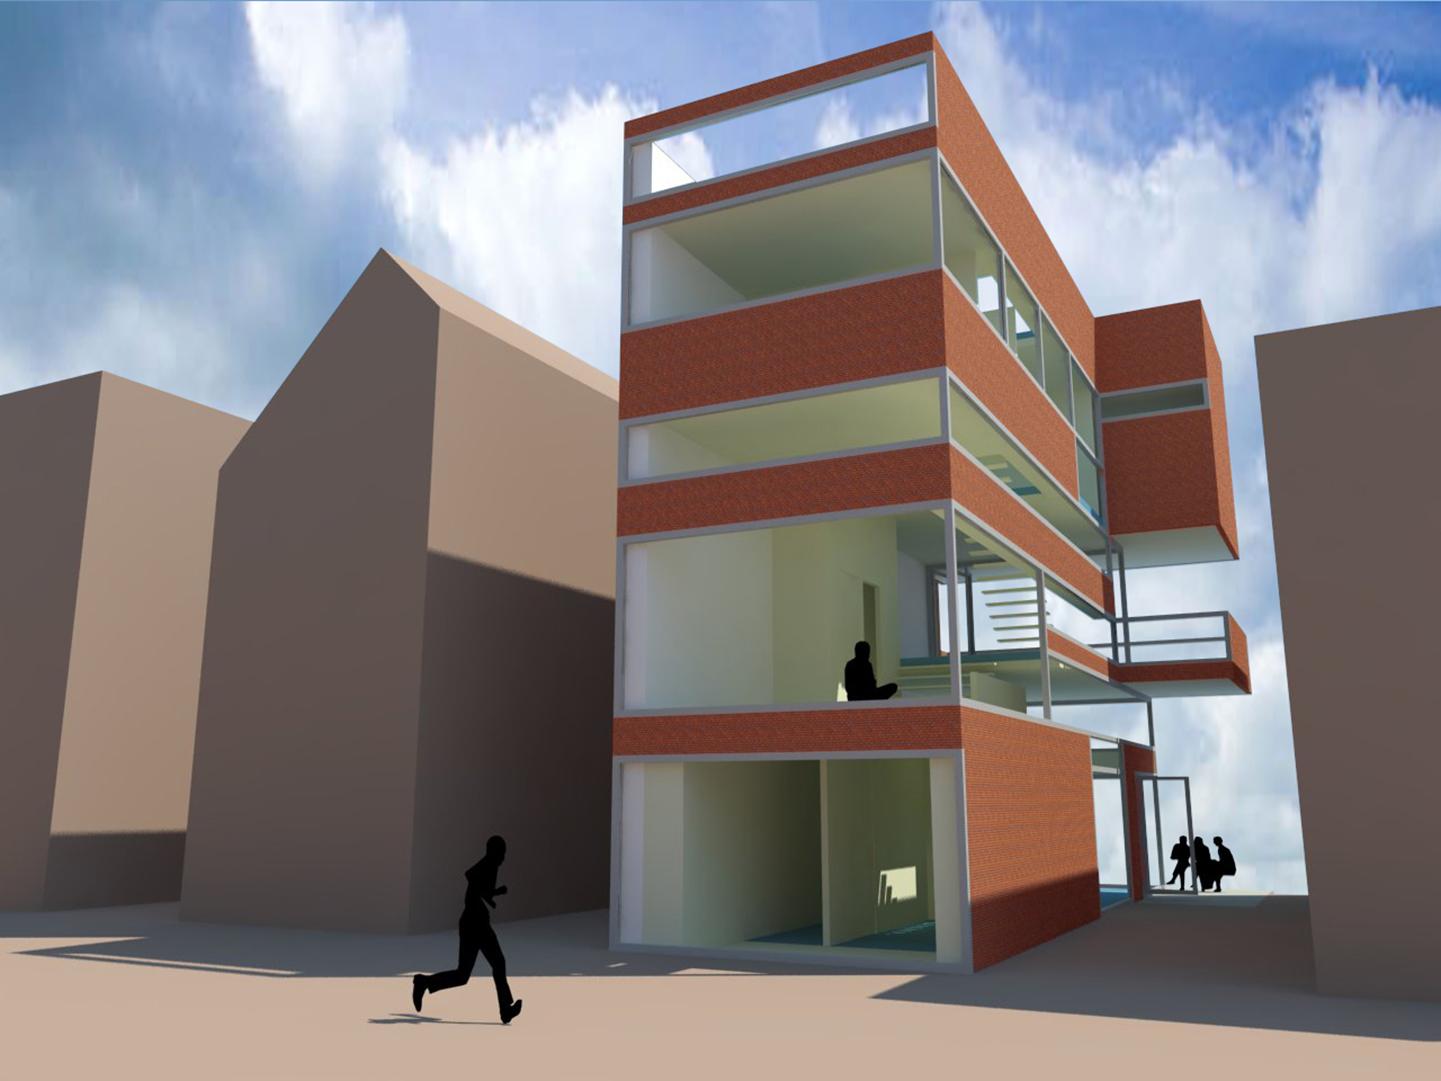 Woon-werkvilla in Waterrijk Woerden, ontwerp Wielen Architecten